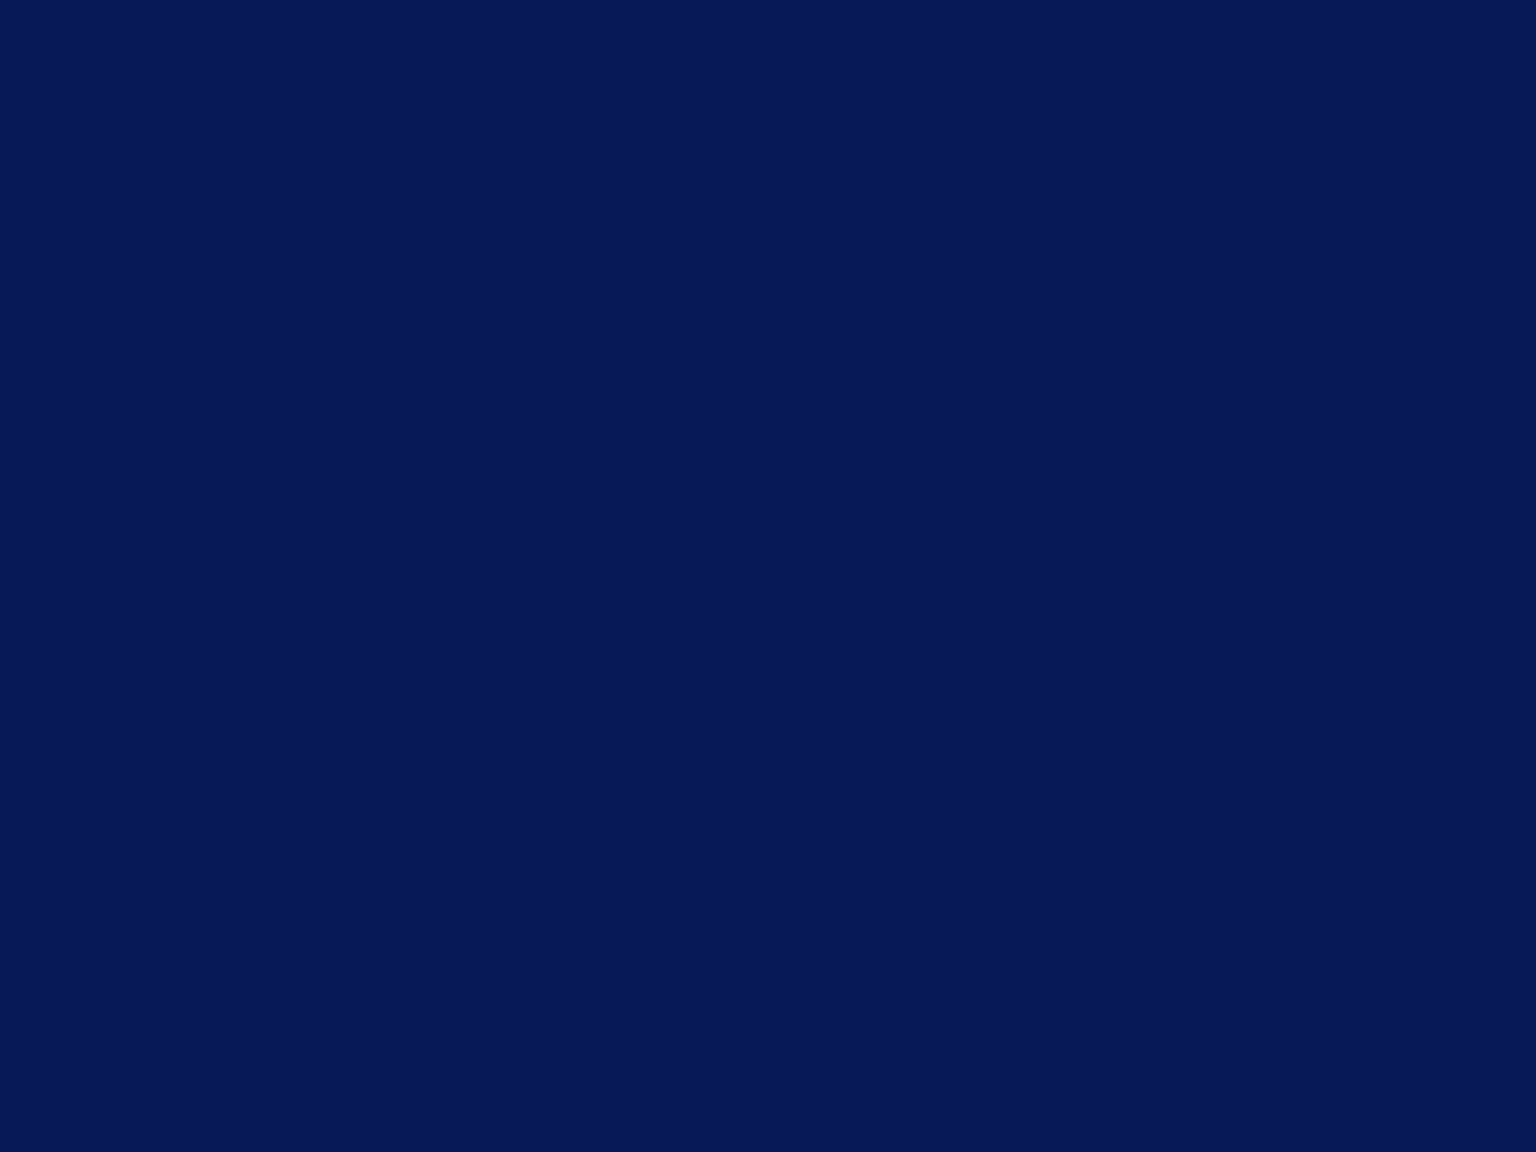 Info_Tile_DarkBlue